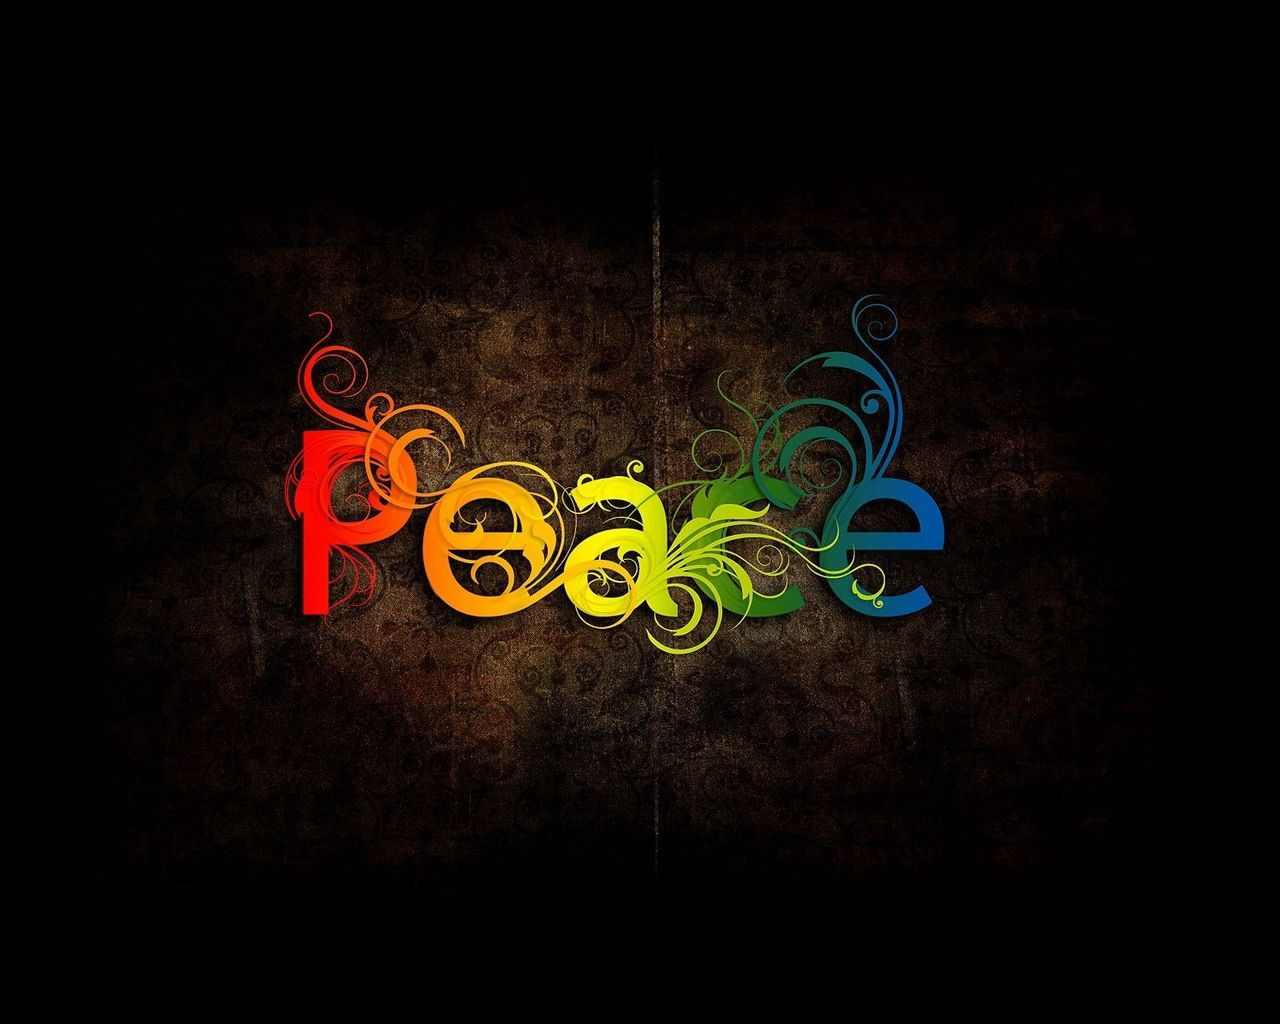 145366 Hintergrundbild herunterladen Abstrakt, Patterns, Die Wörter, Wörter, Farbe, Farbige, Frieden - Bildschirmschoner und Bilder kostenlos